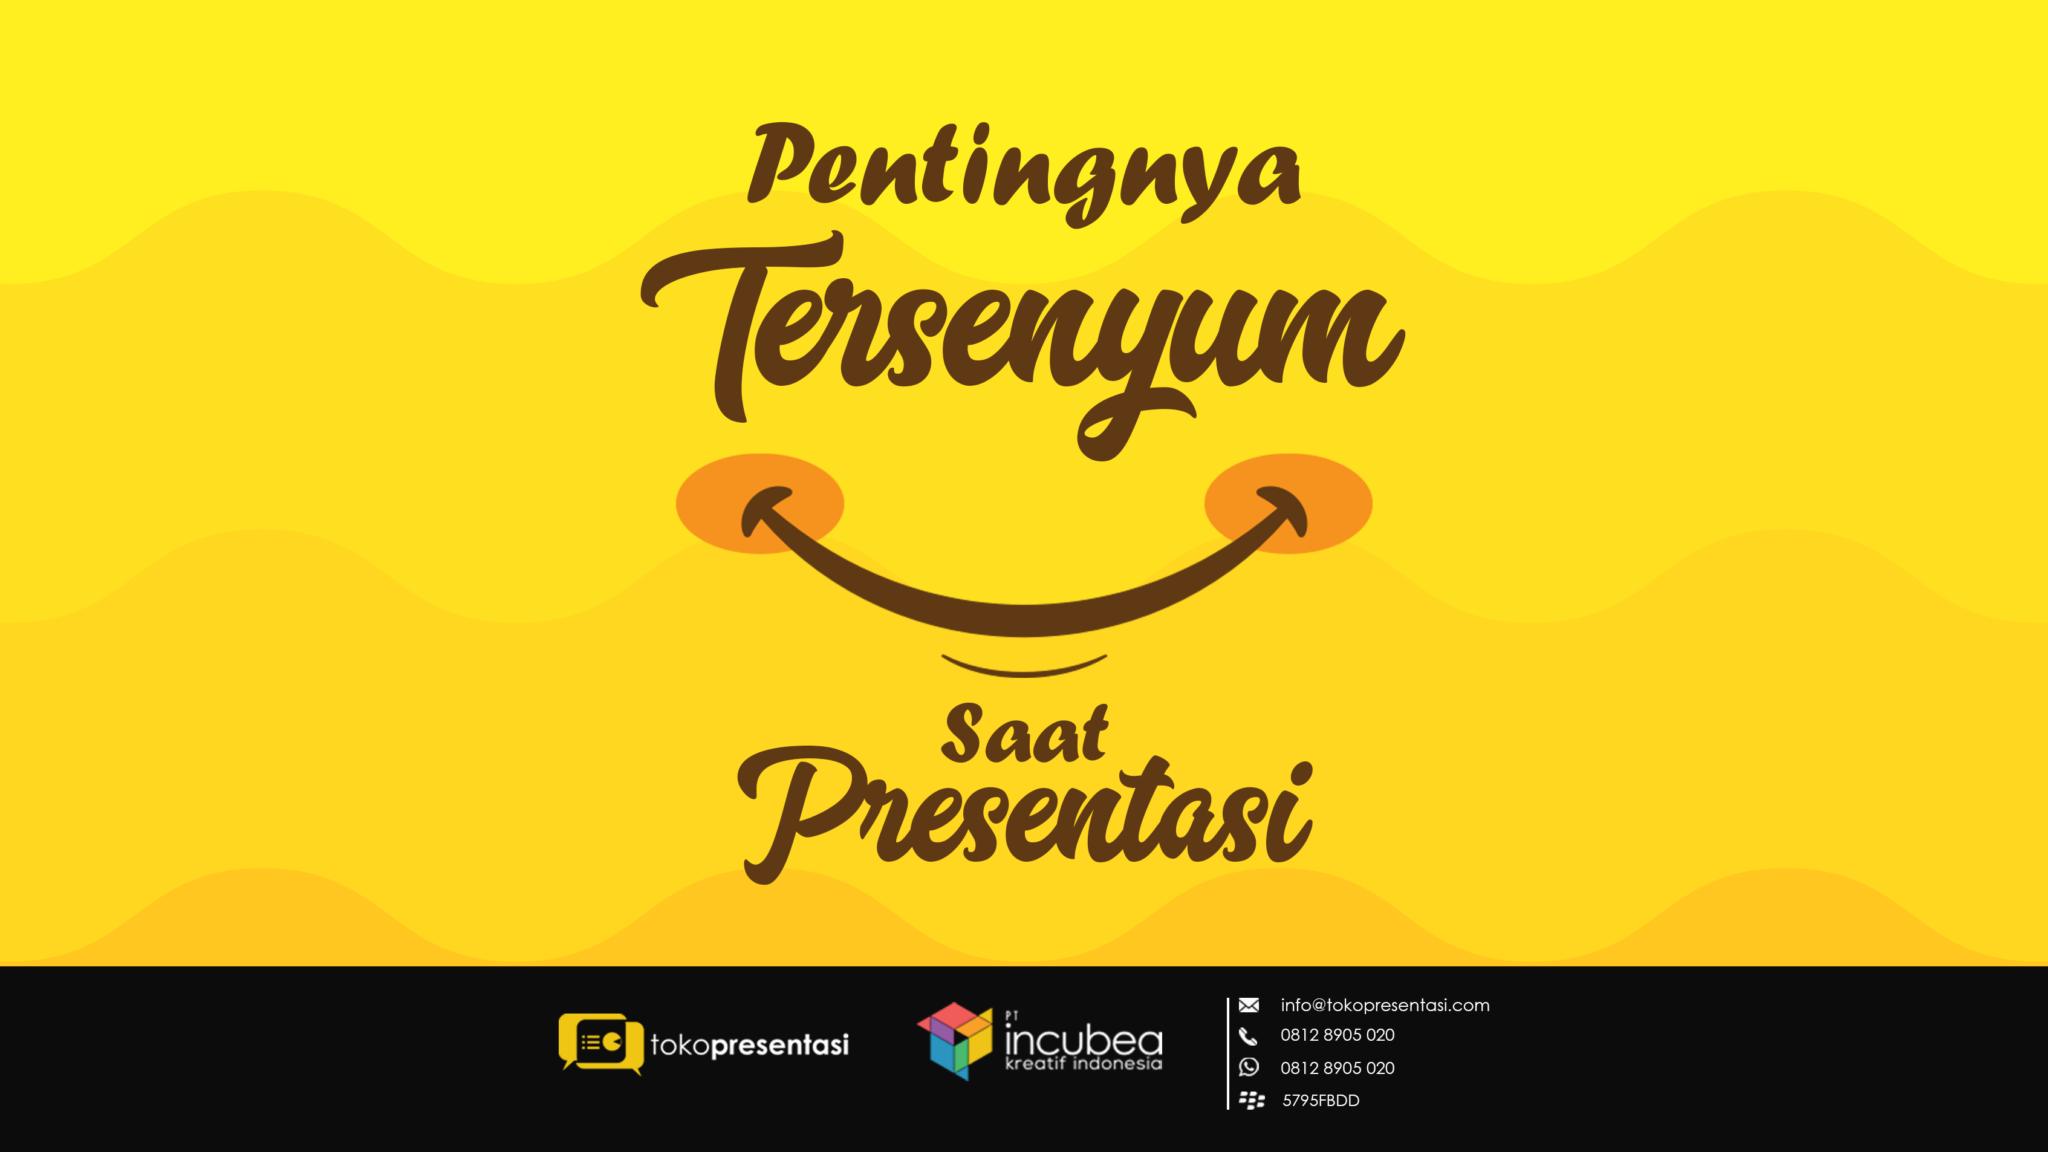 tips presentasi pentingnya tersenyum saat presentasi